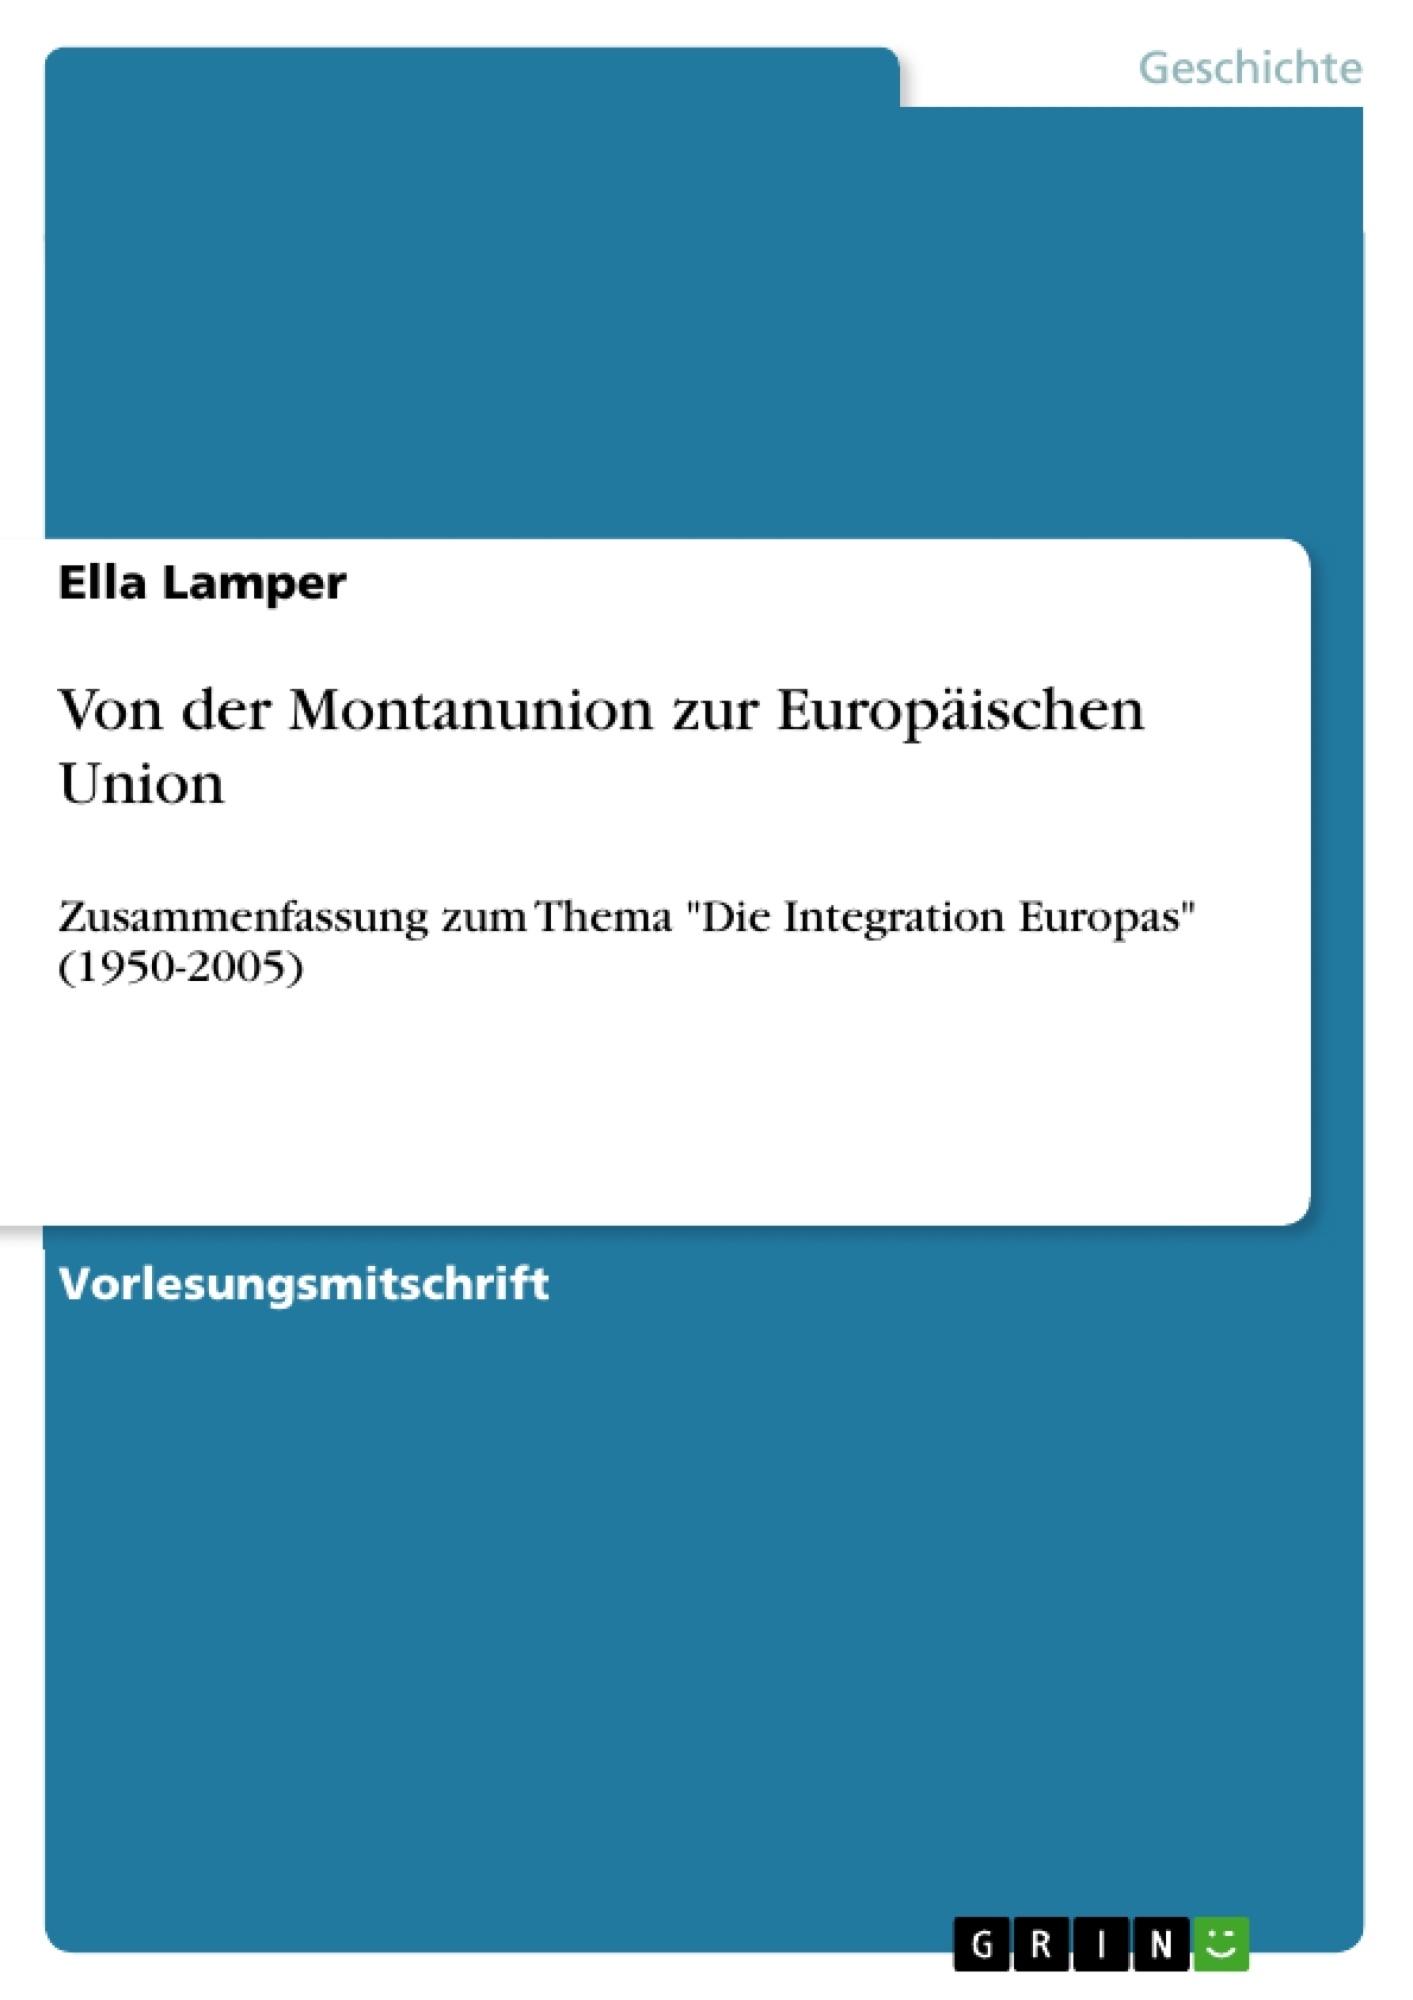 Titel: Von der Montanunion zur Europäischen Union